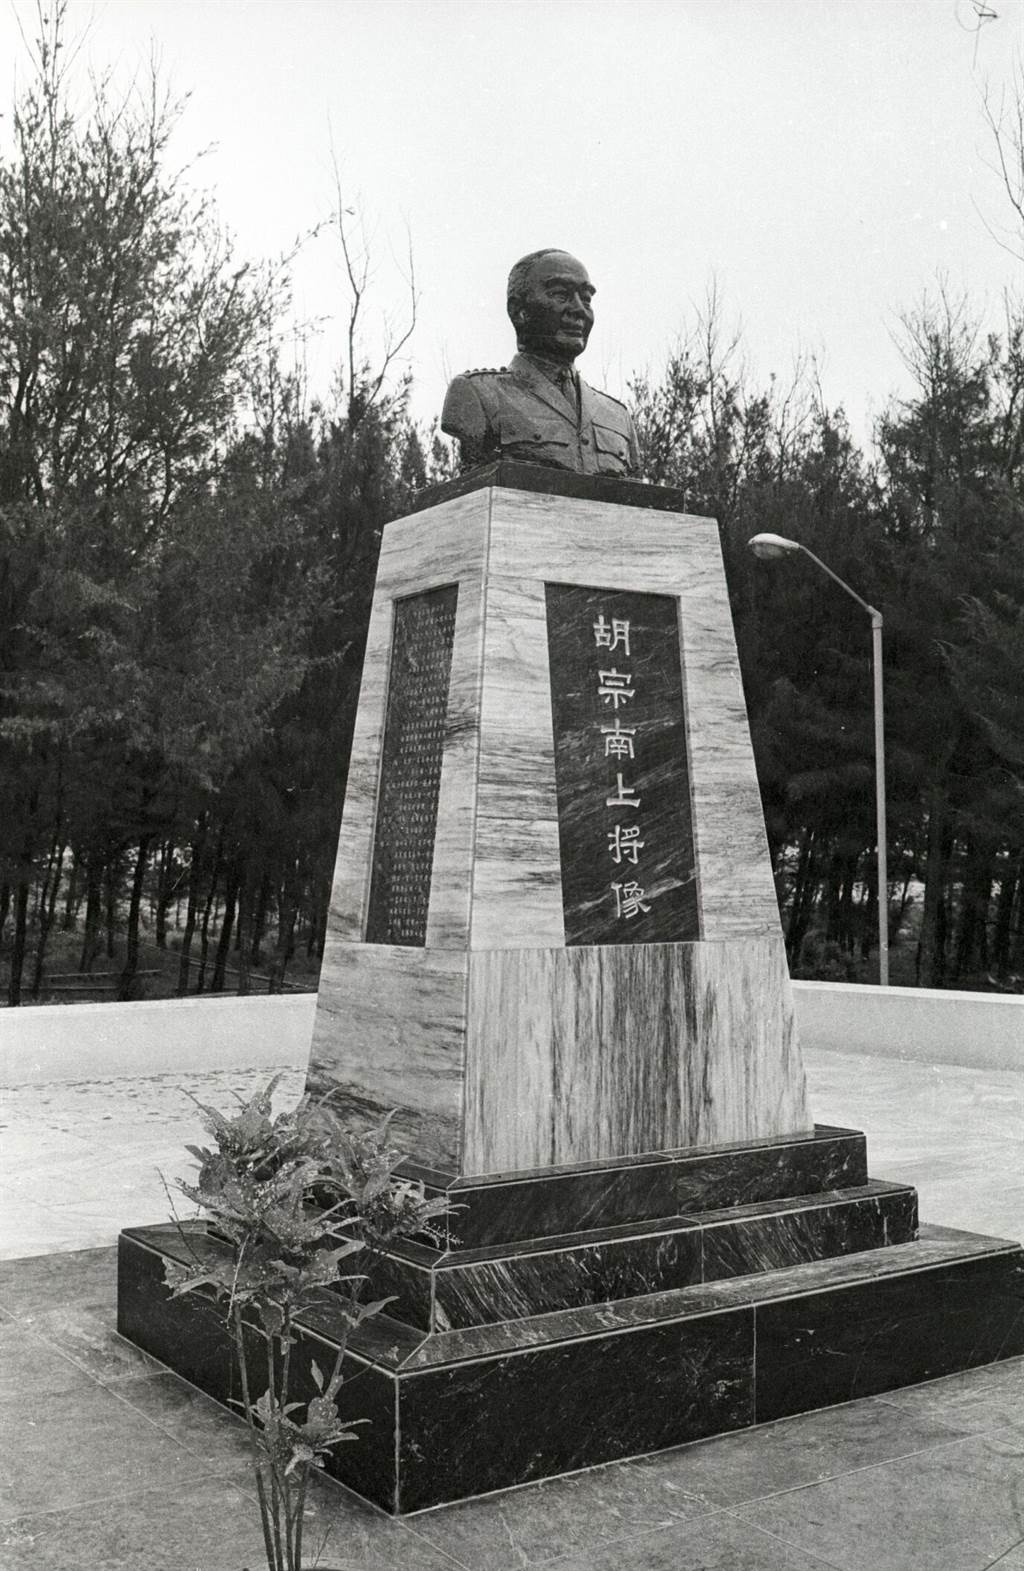 位在澎湖的胡宗南上將紀念像。(姚琢奇攝)